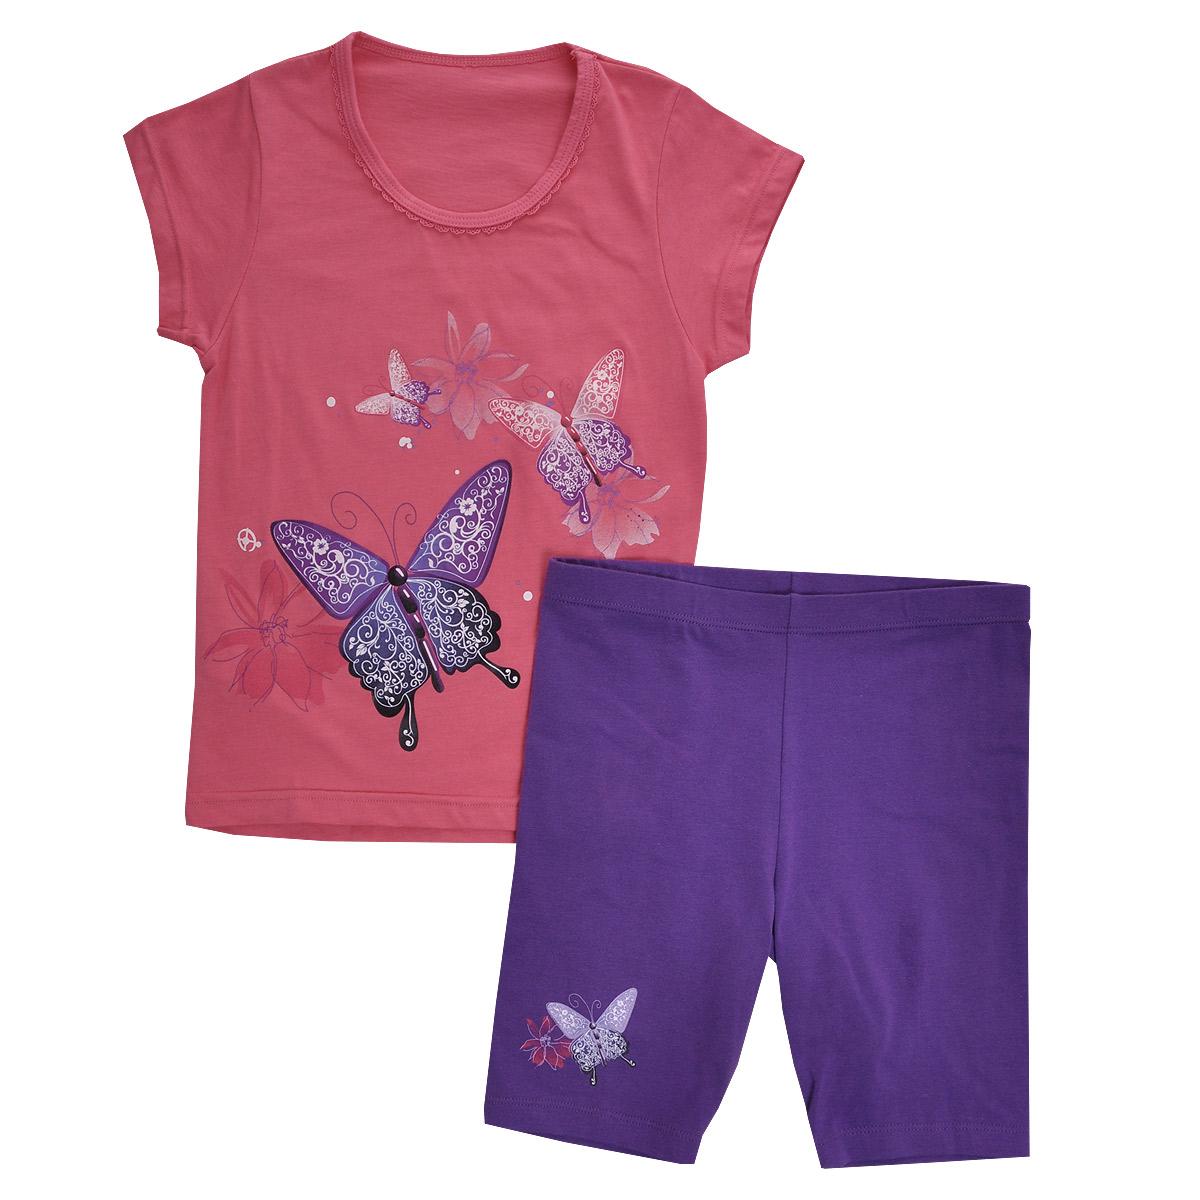 Комплект для девочки Lowry: футболка, шорты, цвет: розовый, сиреневый. GF/GL-252. Размер 30 (M)GF/GL-252Комплект для девочки Lowry, состоящий из футболки и шорт, идеально подойдет вашей малышке. Изготовленный из натурального хлопка, он необычайно мягкий и приятный на ощупь, не сковывает движения малышки и позволяет коже дышать, не раздражает даже самую нежную и чувствительную кожу ребенка, обеспечивая ему наибольший комфорт. Футболка с короткими рукавами и круглым вырезом горловины спереди оформлена яркой термоаппликацией с изображением бабочек. Вырез горловины украшен ажурными рюшами.Шортики на талии имеют широкую эластичную резинку, благодаря чему они не сдавливают животик ребенка и не сползают. Правая брючина оформлена термоаппликацией с изображением бабочки и цветочка.Оригинальный дизайн и модная расцветка делают этот комплект незаменимым предметом детского гардероба. В нем вашей маленькой принцессе будет комфортно и уютно, и она всегда будет в центре внимания!